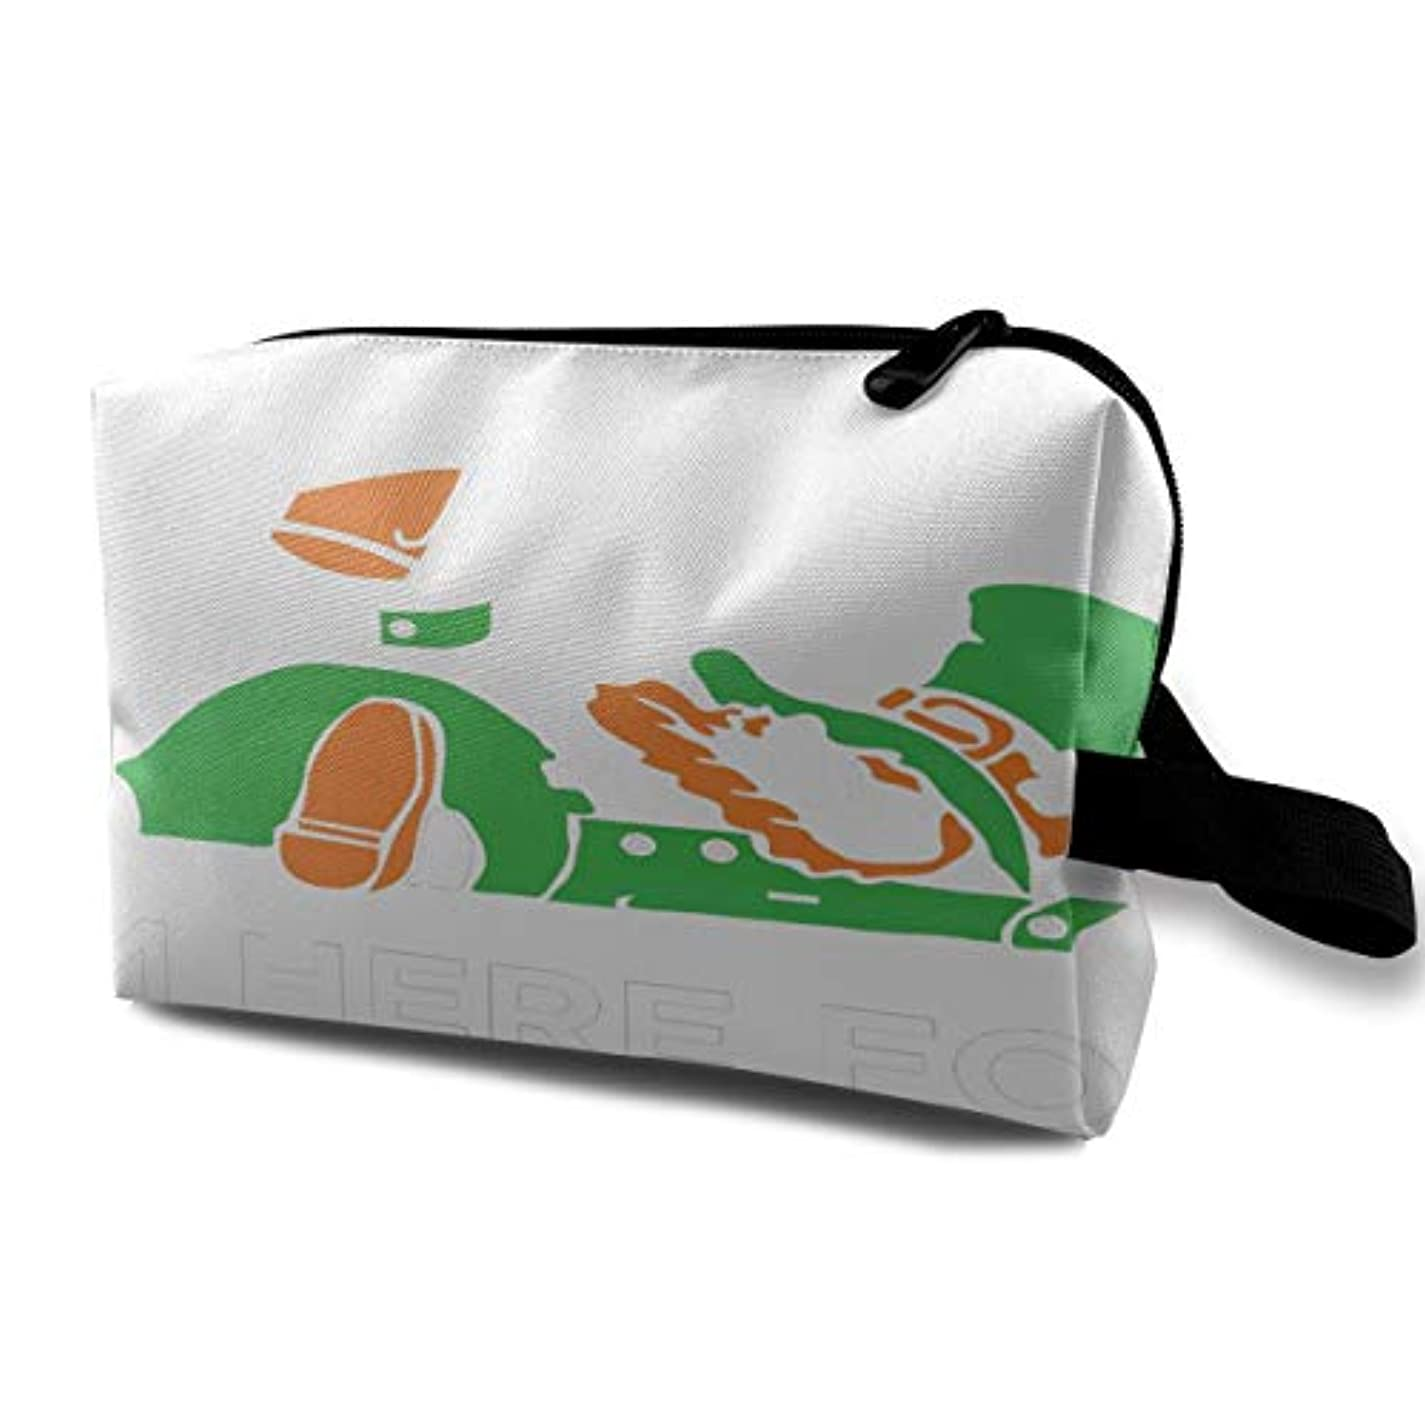 温かい洞察力のあるテナントSaint Patricks Day Irish Leprechaun 収納ポーチ 化粧ポーチ 大容量 軽量 耐久性 ハンドル付持ち運び便利。入れ 自宅?出張?旅行?アウトドア撮影などに対応。メンズ レディース トラベルグッズ